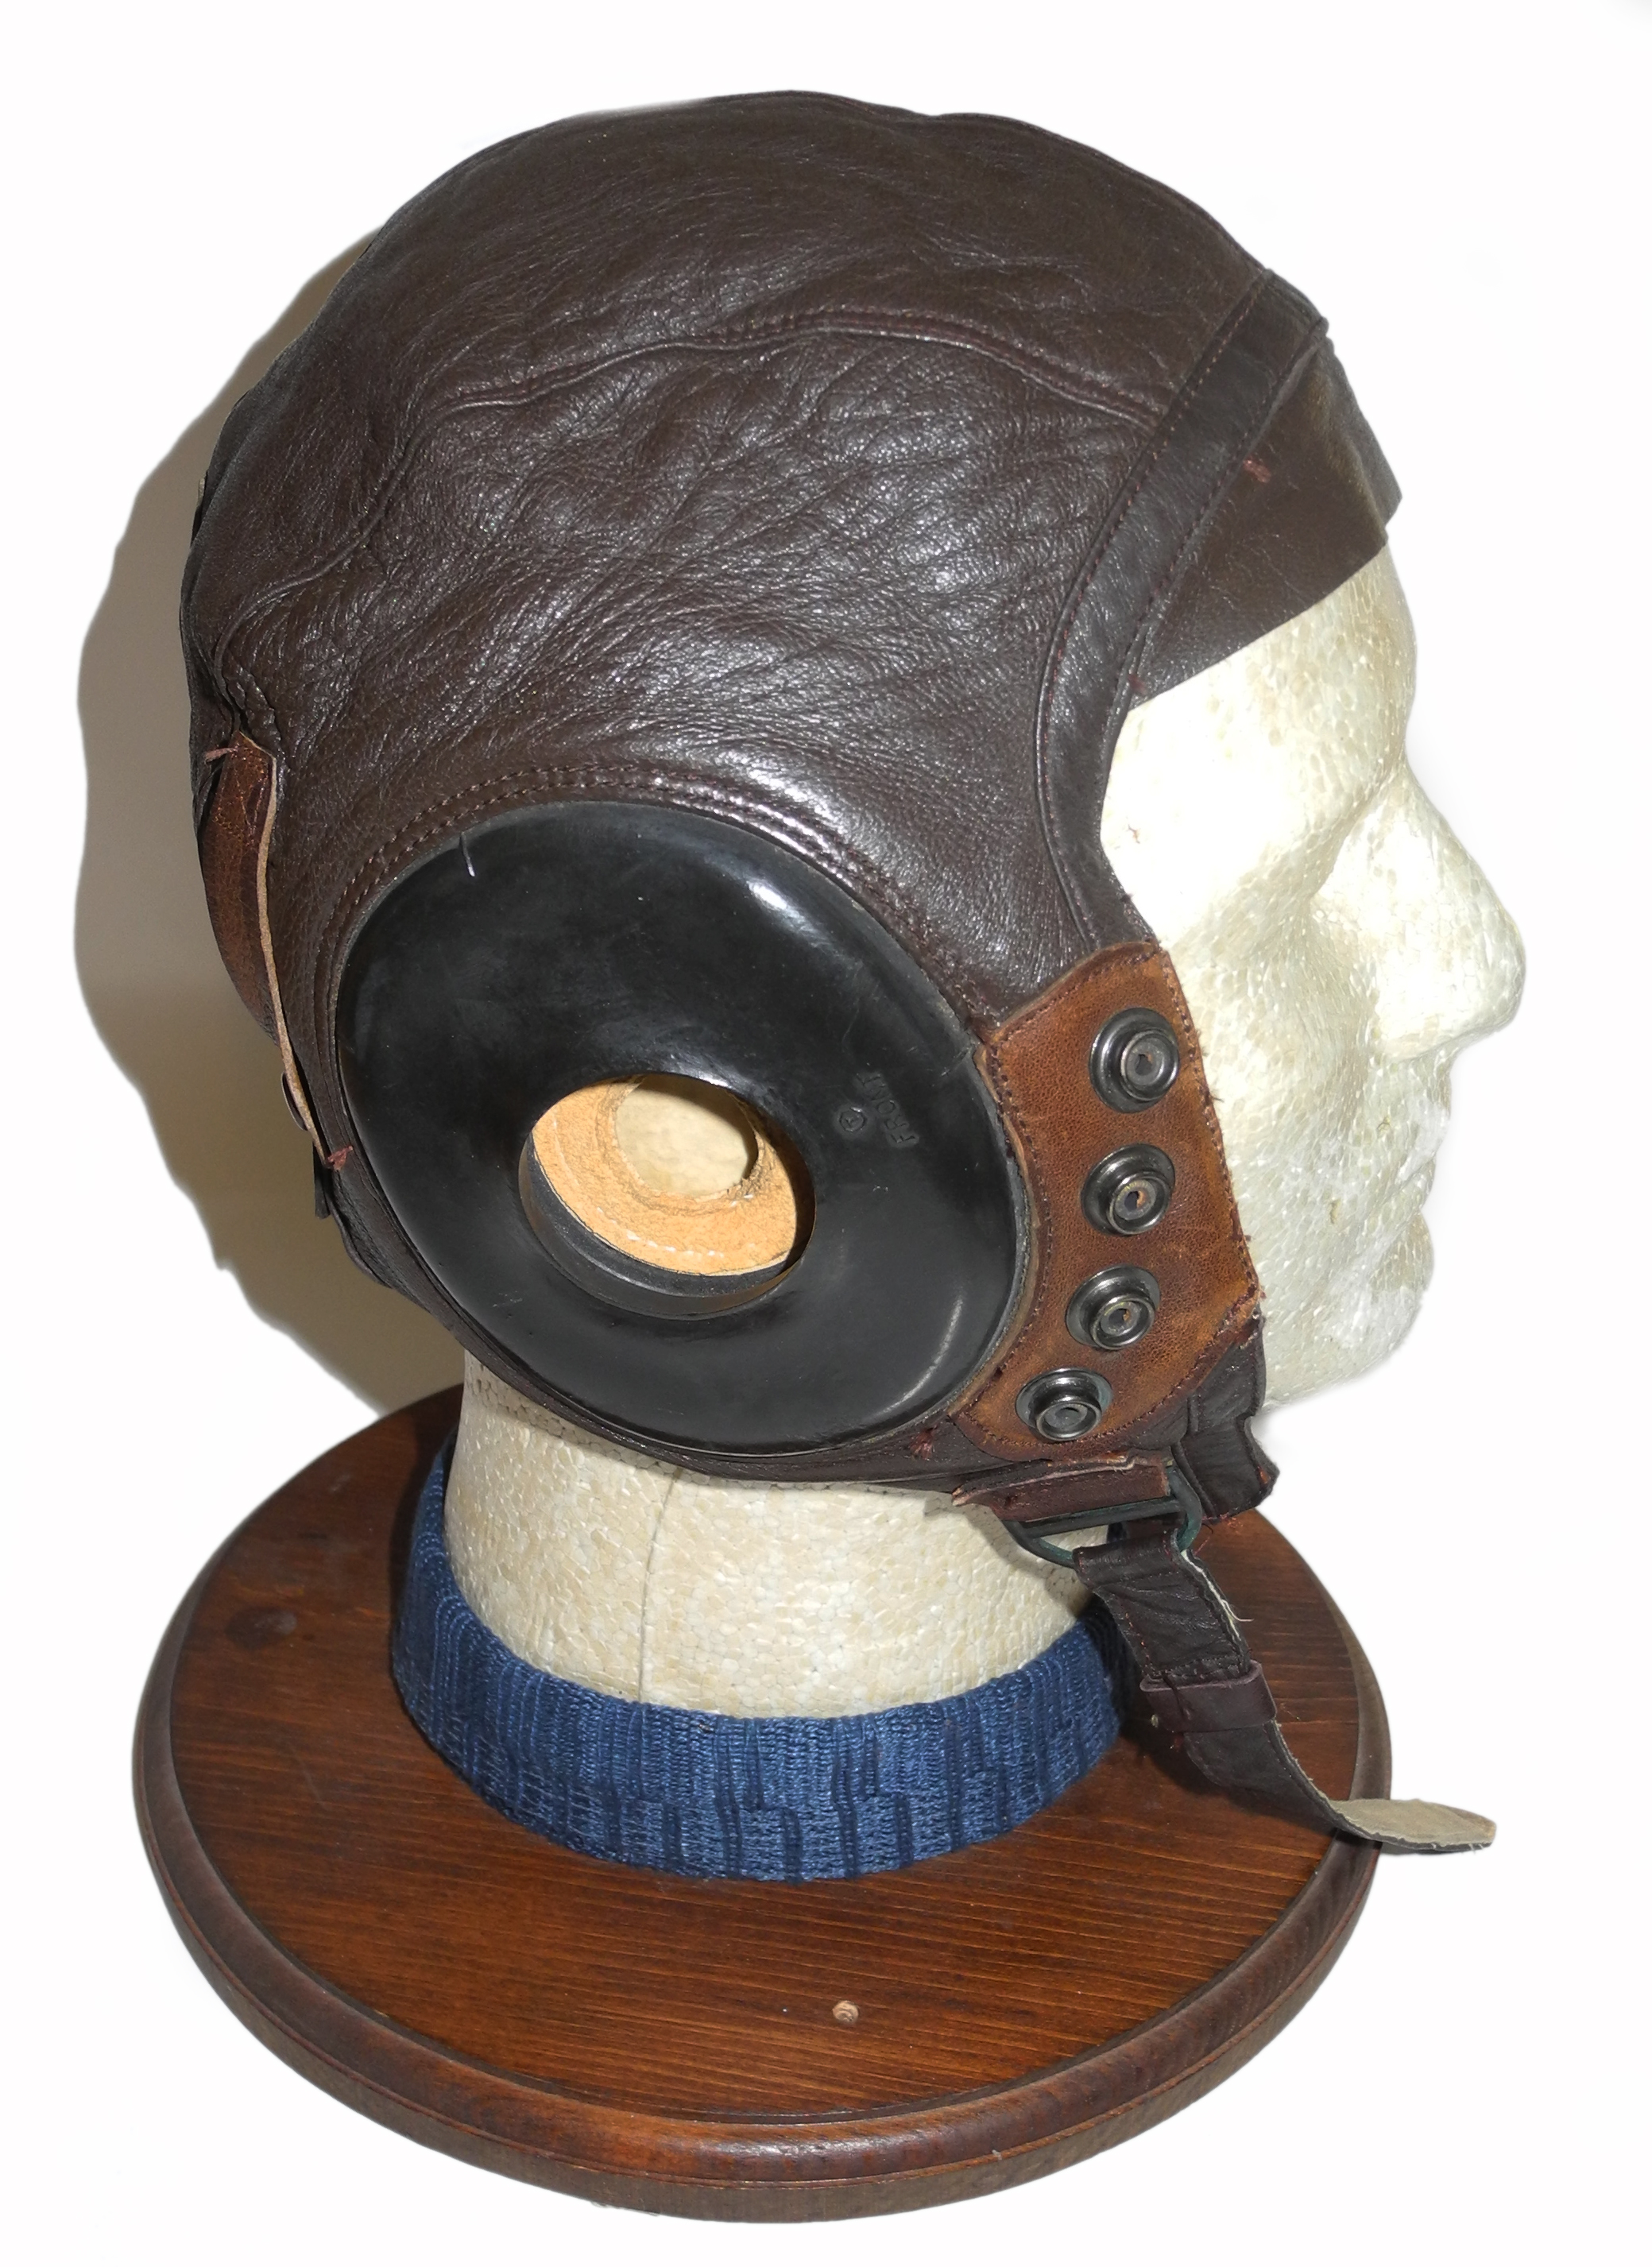 AAF A-11 helmet size L